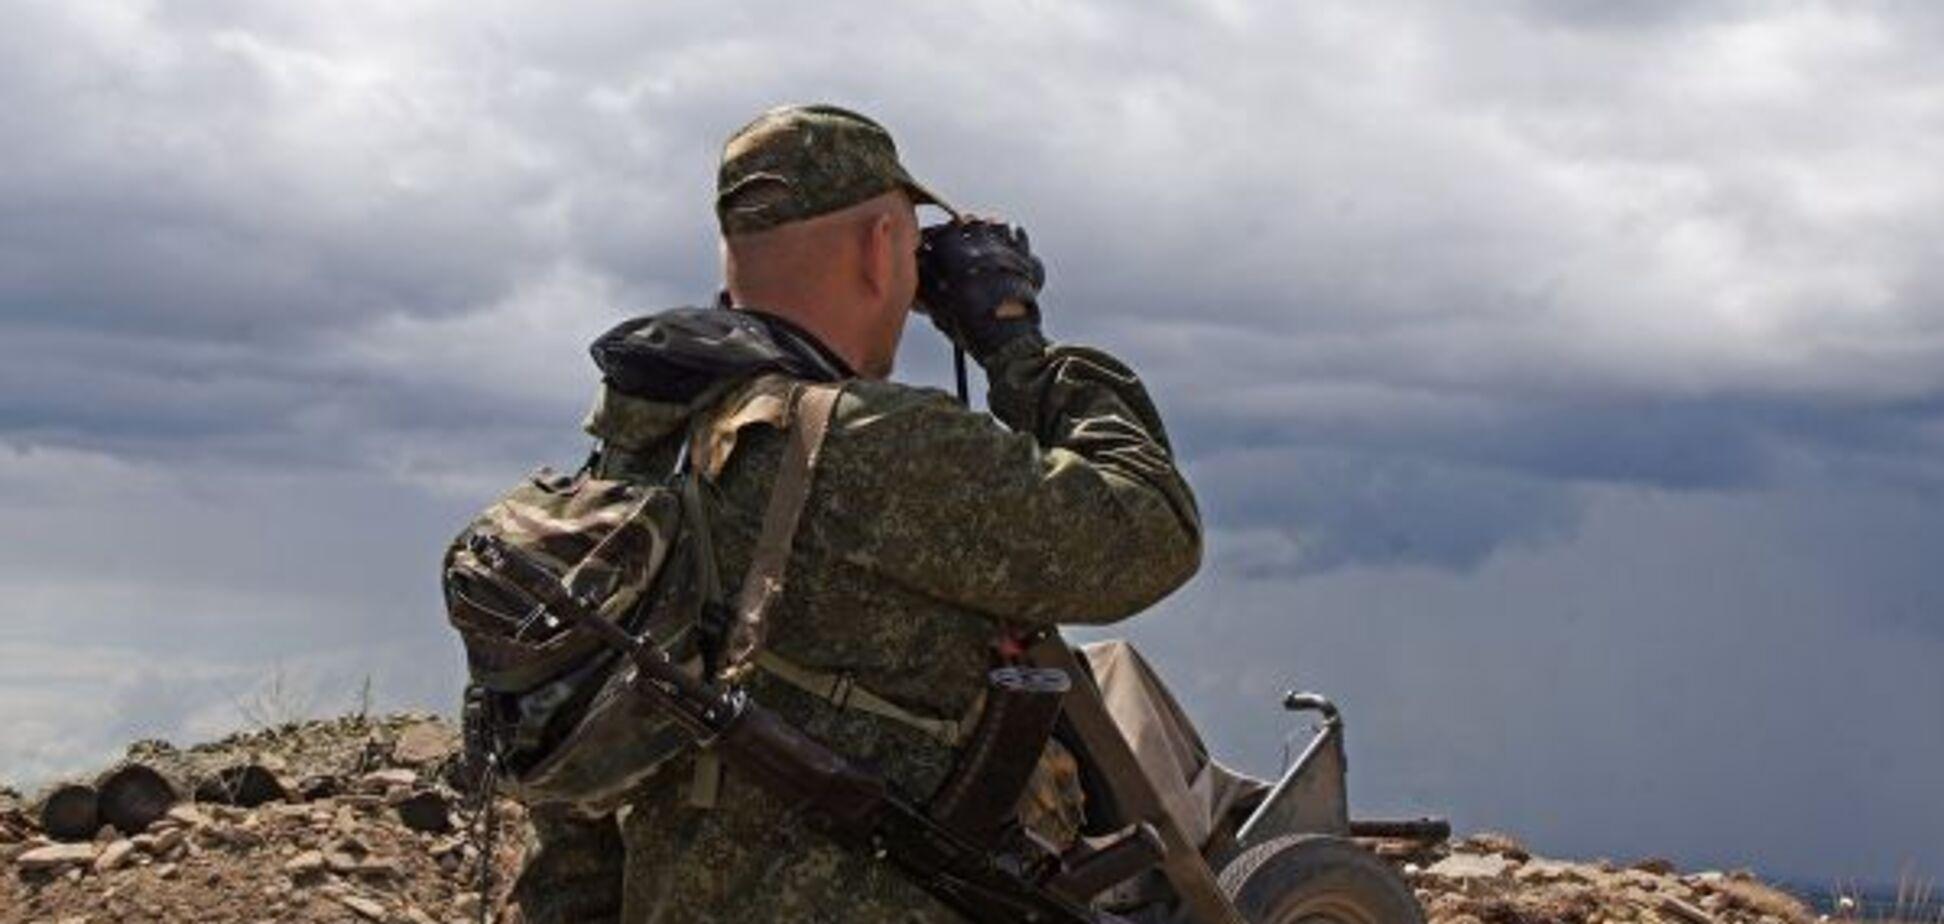 'Натаха – гроза ополченців!' В 'ЛНР' завелася 'диверсантка', що доводить терористів до суїциду